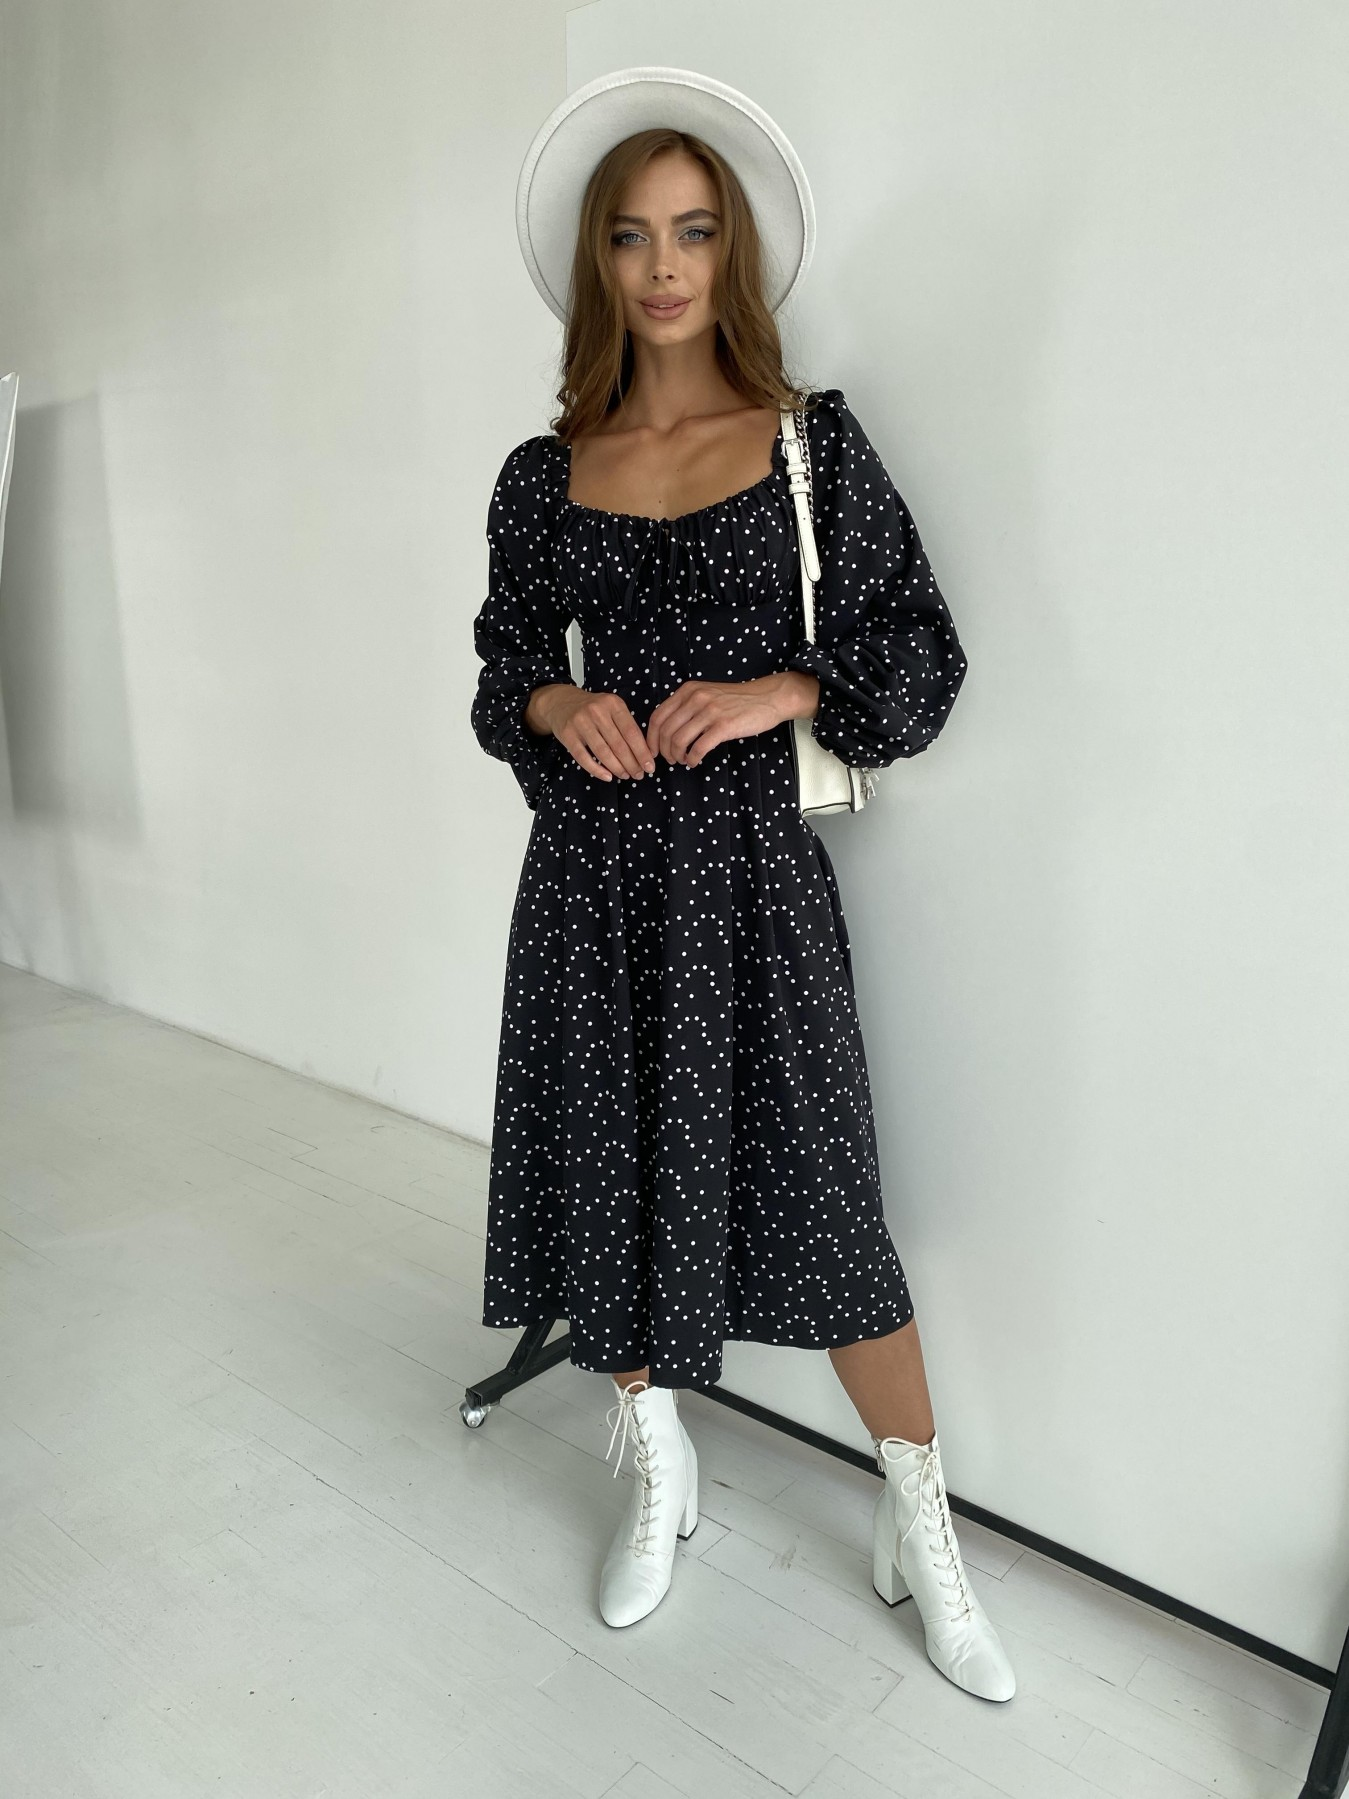 Купить платье в Харькове Кисес миди д/р софт принт стрейч платье 11732